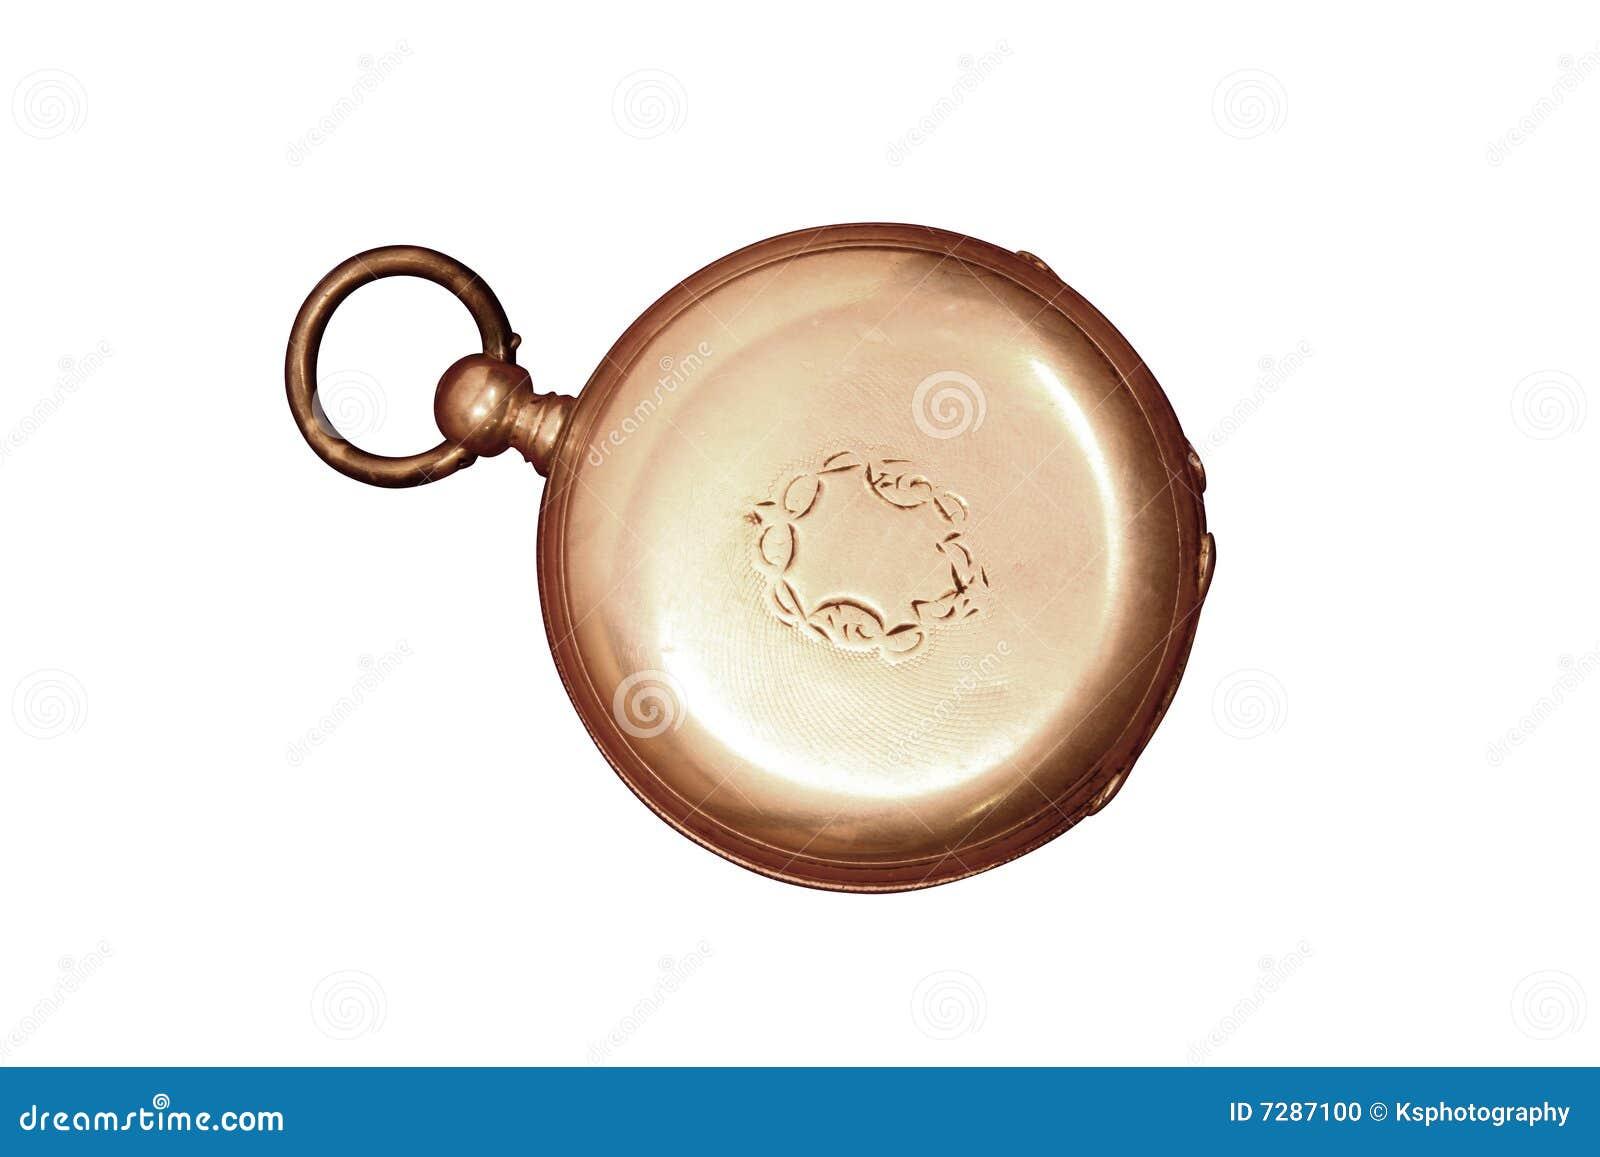 Reloj de bolsillo antiguo gastado